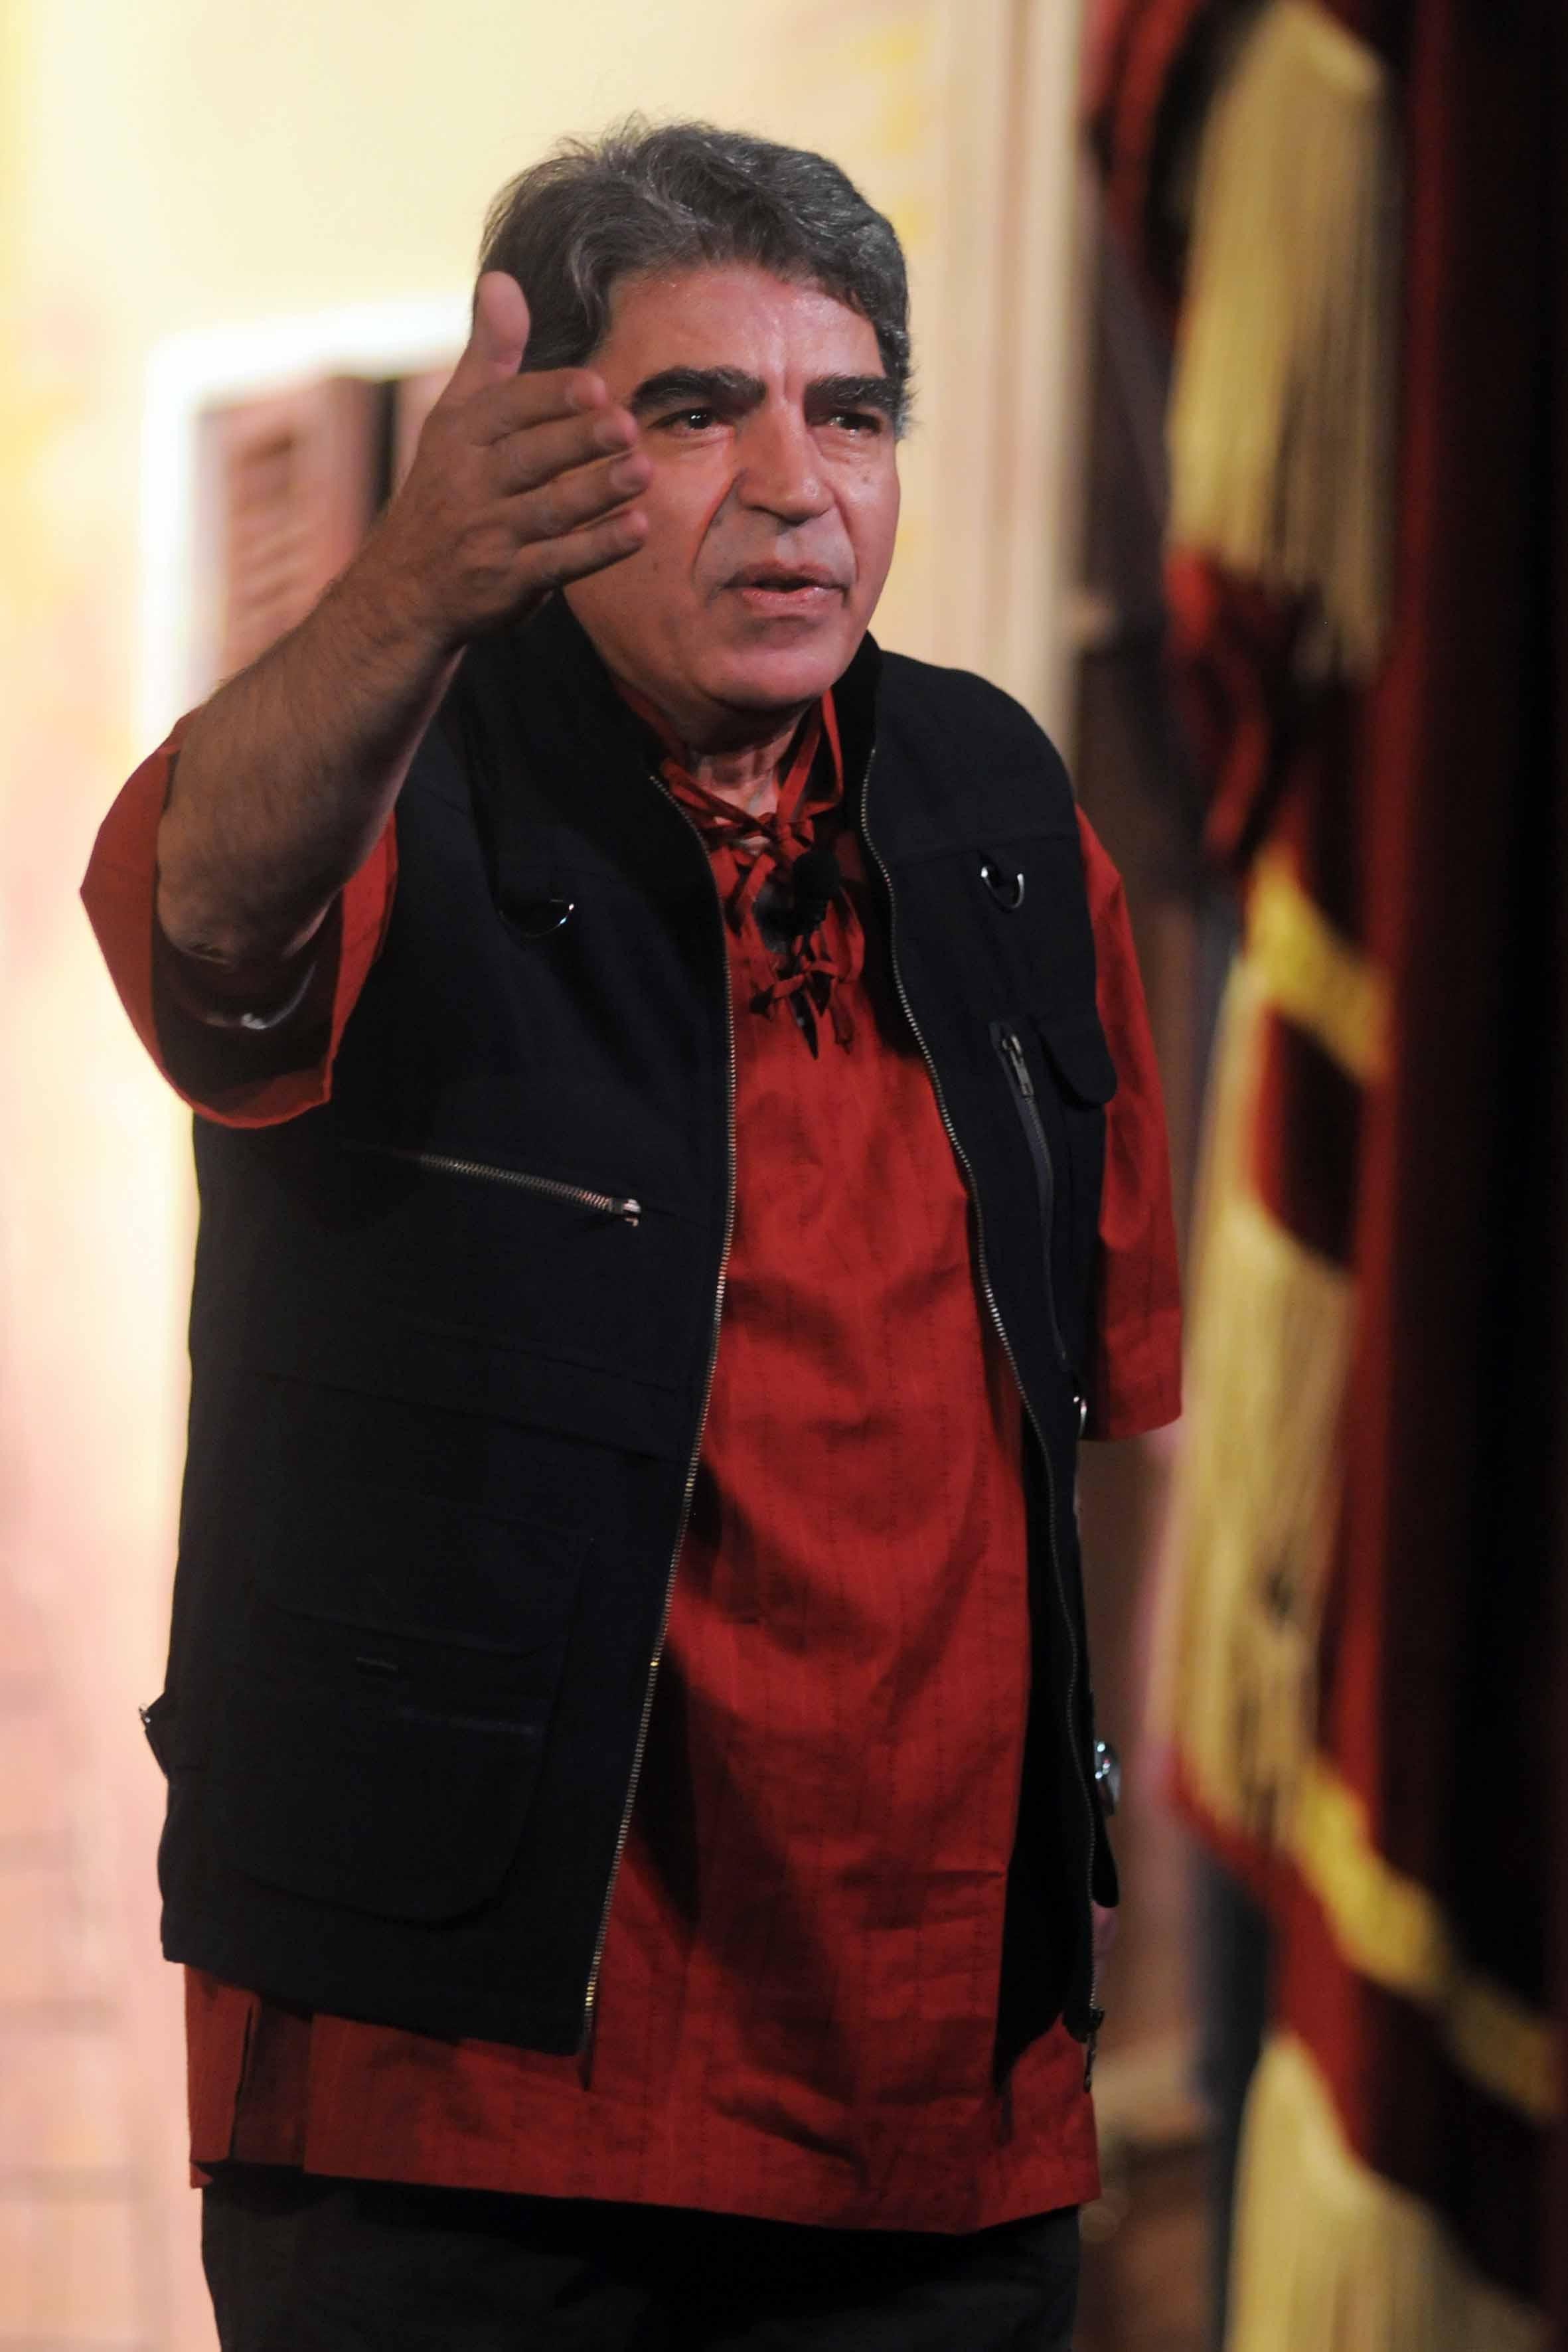 مسرحيه ملك الشحاتين- تصوير ياسر عبد الله (5)